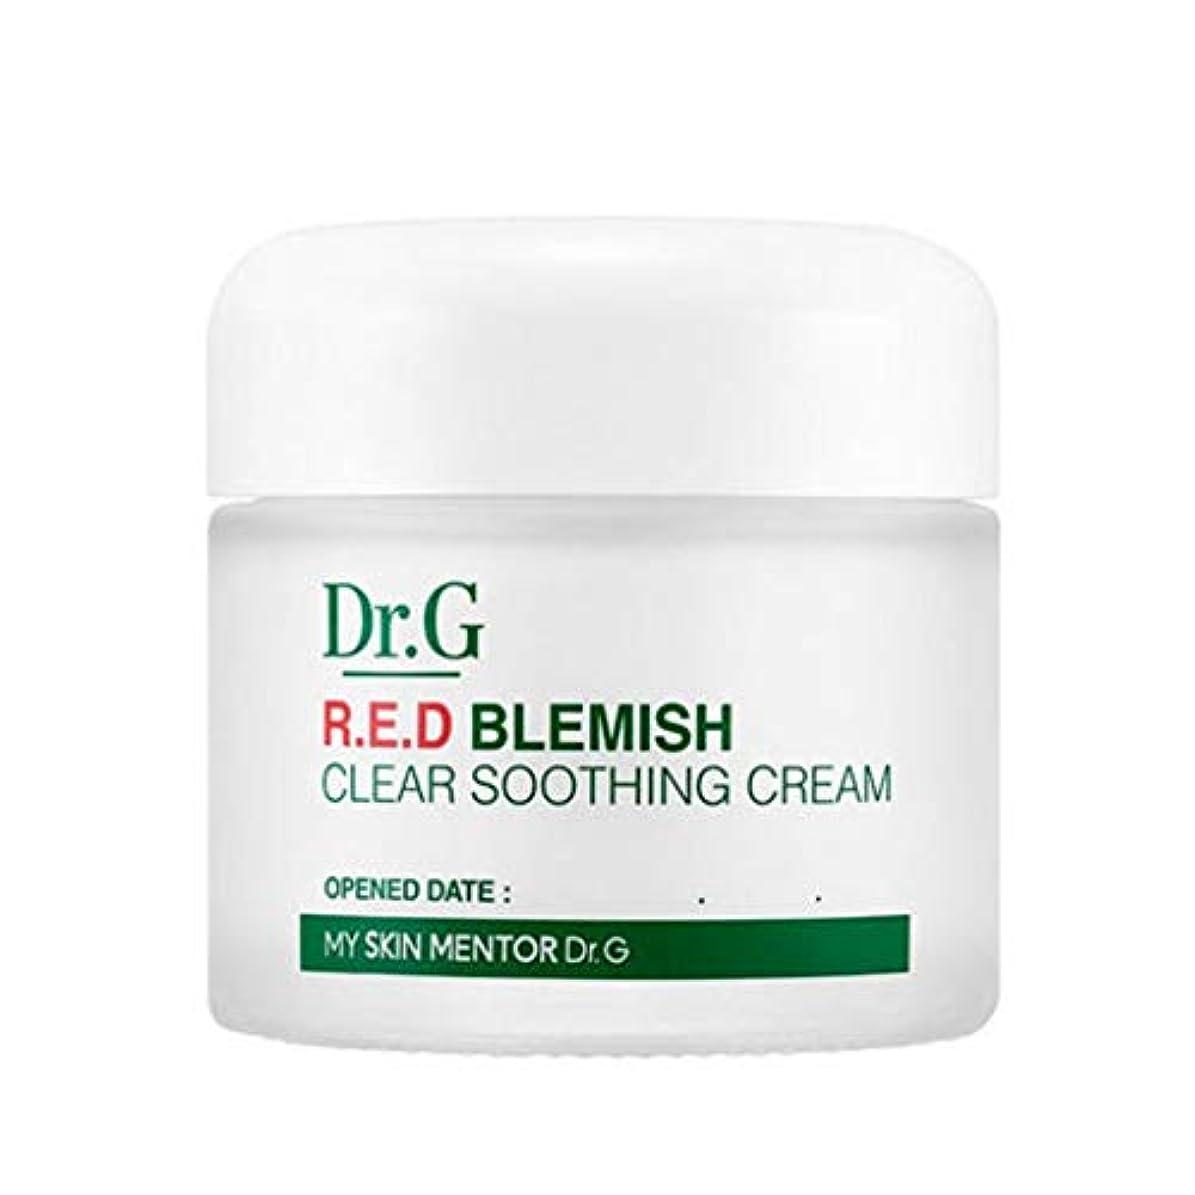 奪うアピールベンチャードクターGレッドブレミッシュクリアスージングクリーム70ml水分クリーム、Dr.G Red Blemish Clear Soothing Cream 70ml Moisturizing Cream [並行輸入品]